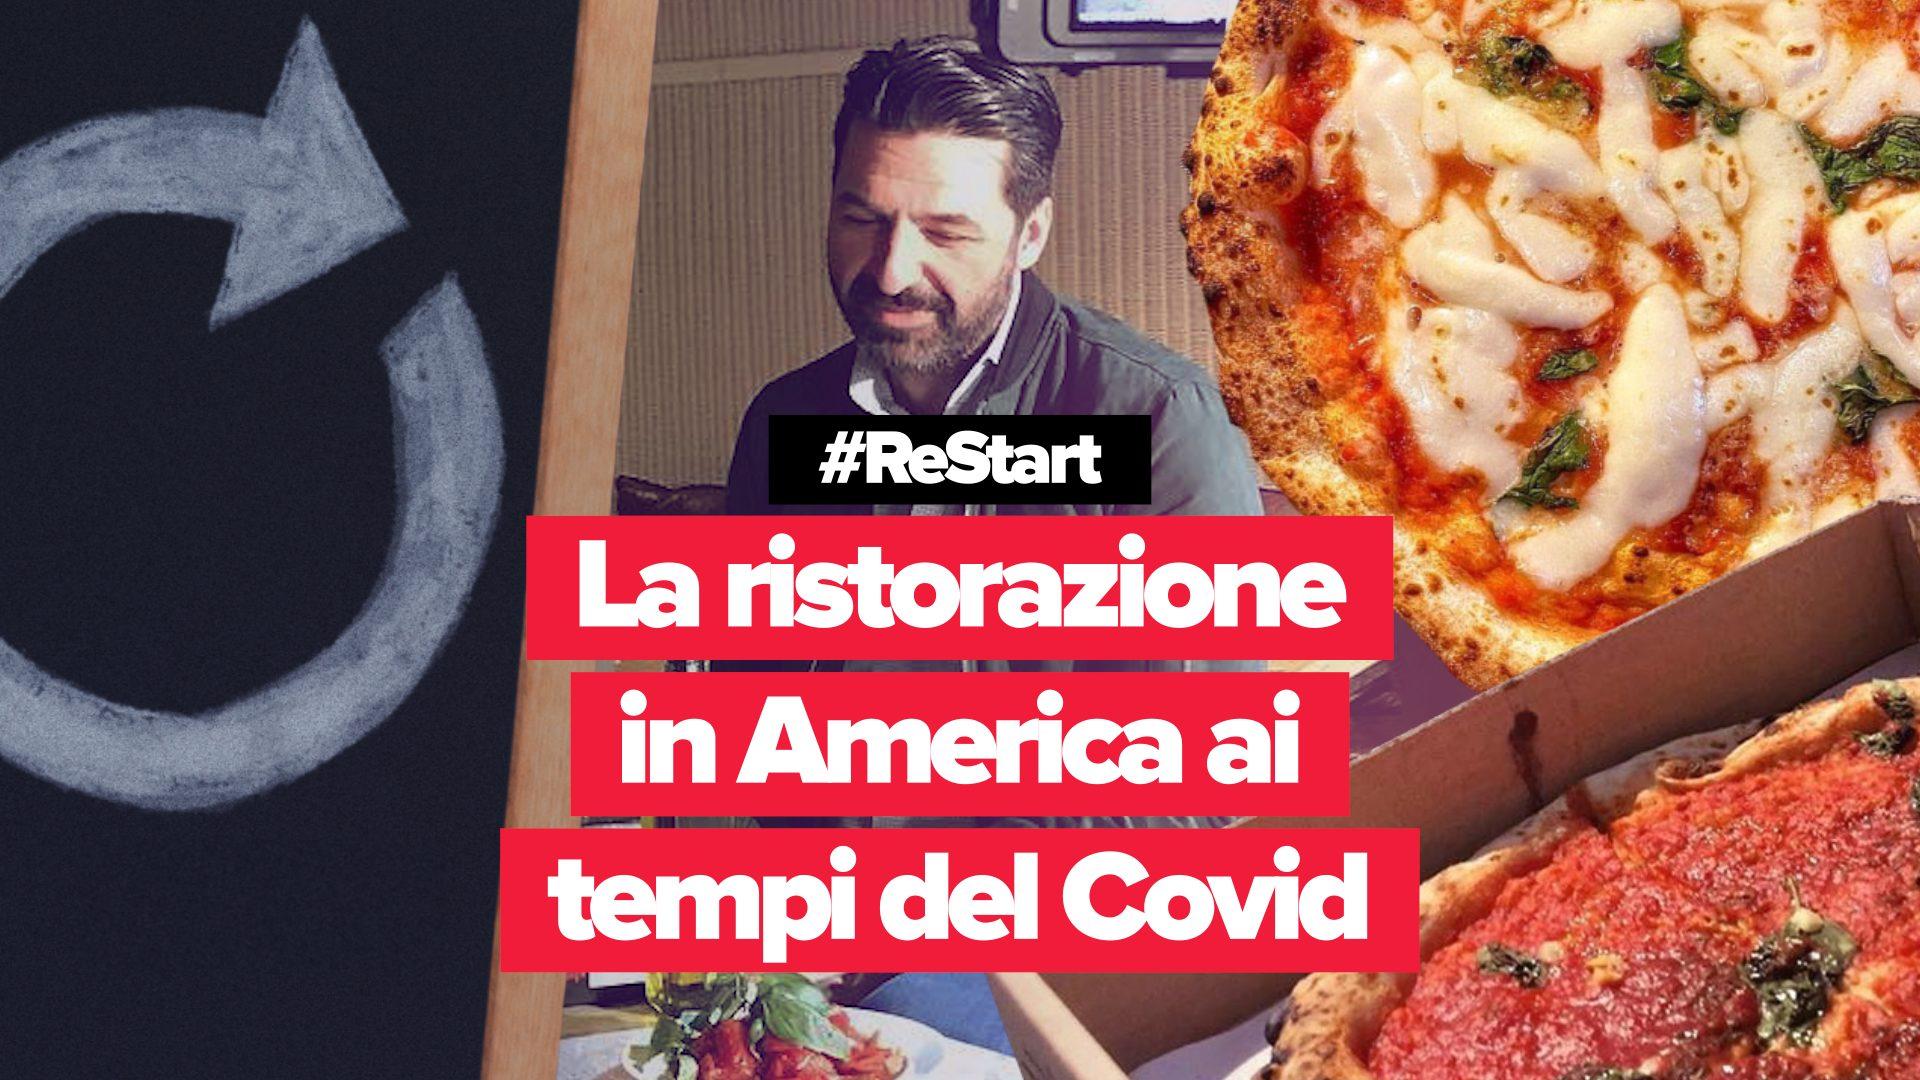 La ristorazione negli USA dopo il Covid-19: il racconto di Rosario Procino di Ribalta